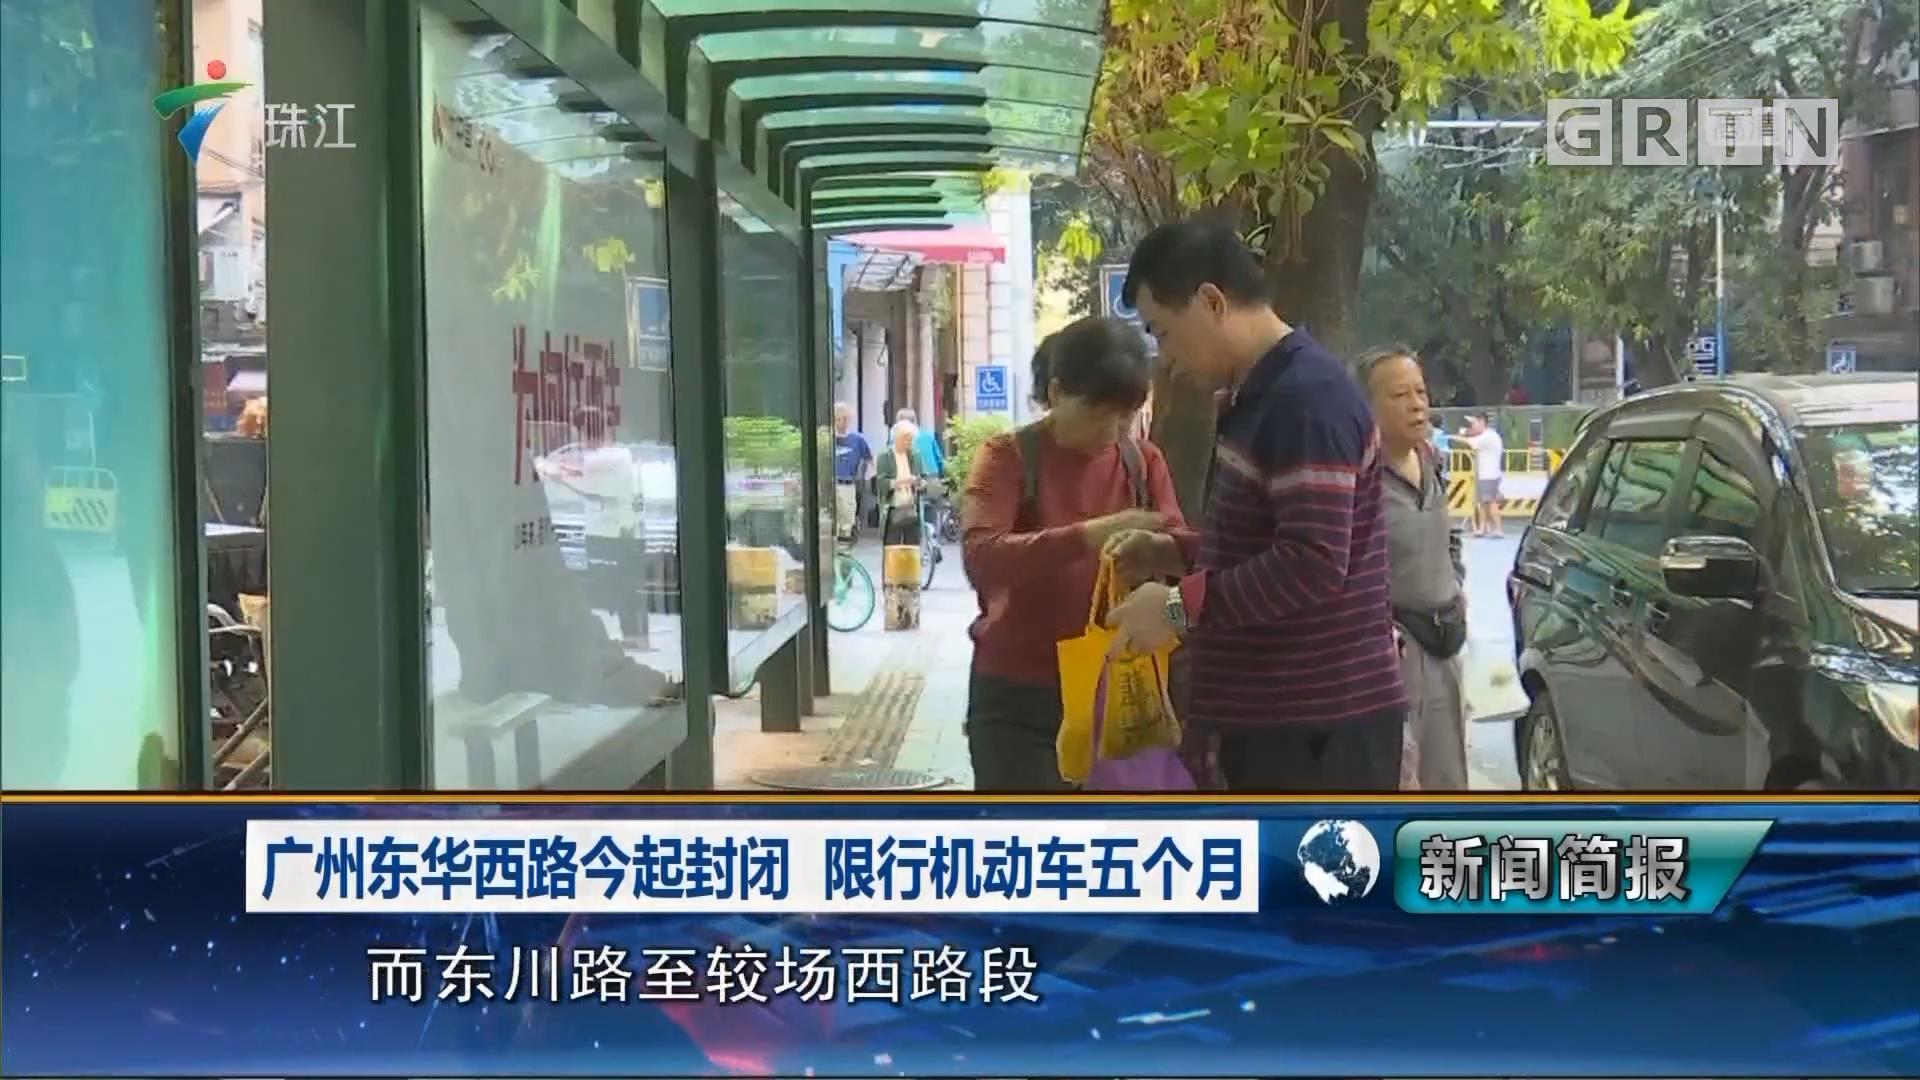 广州东华西路今起封闭 限行机动车五个月